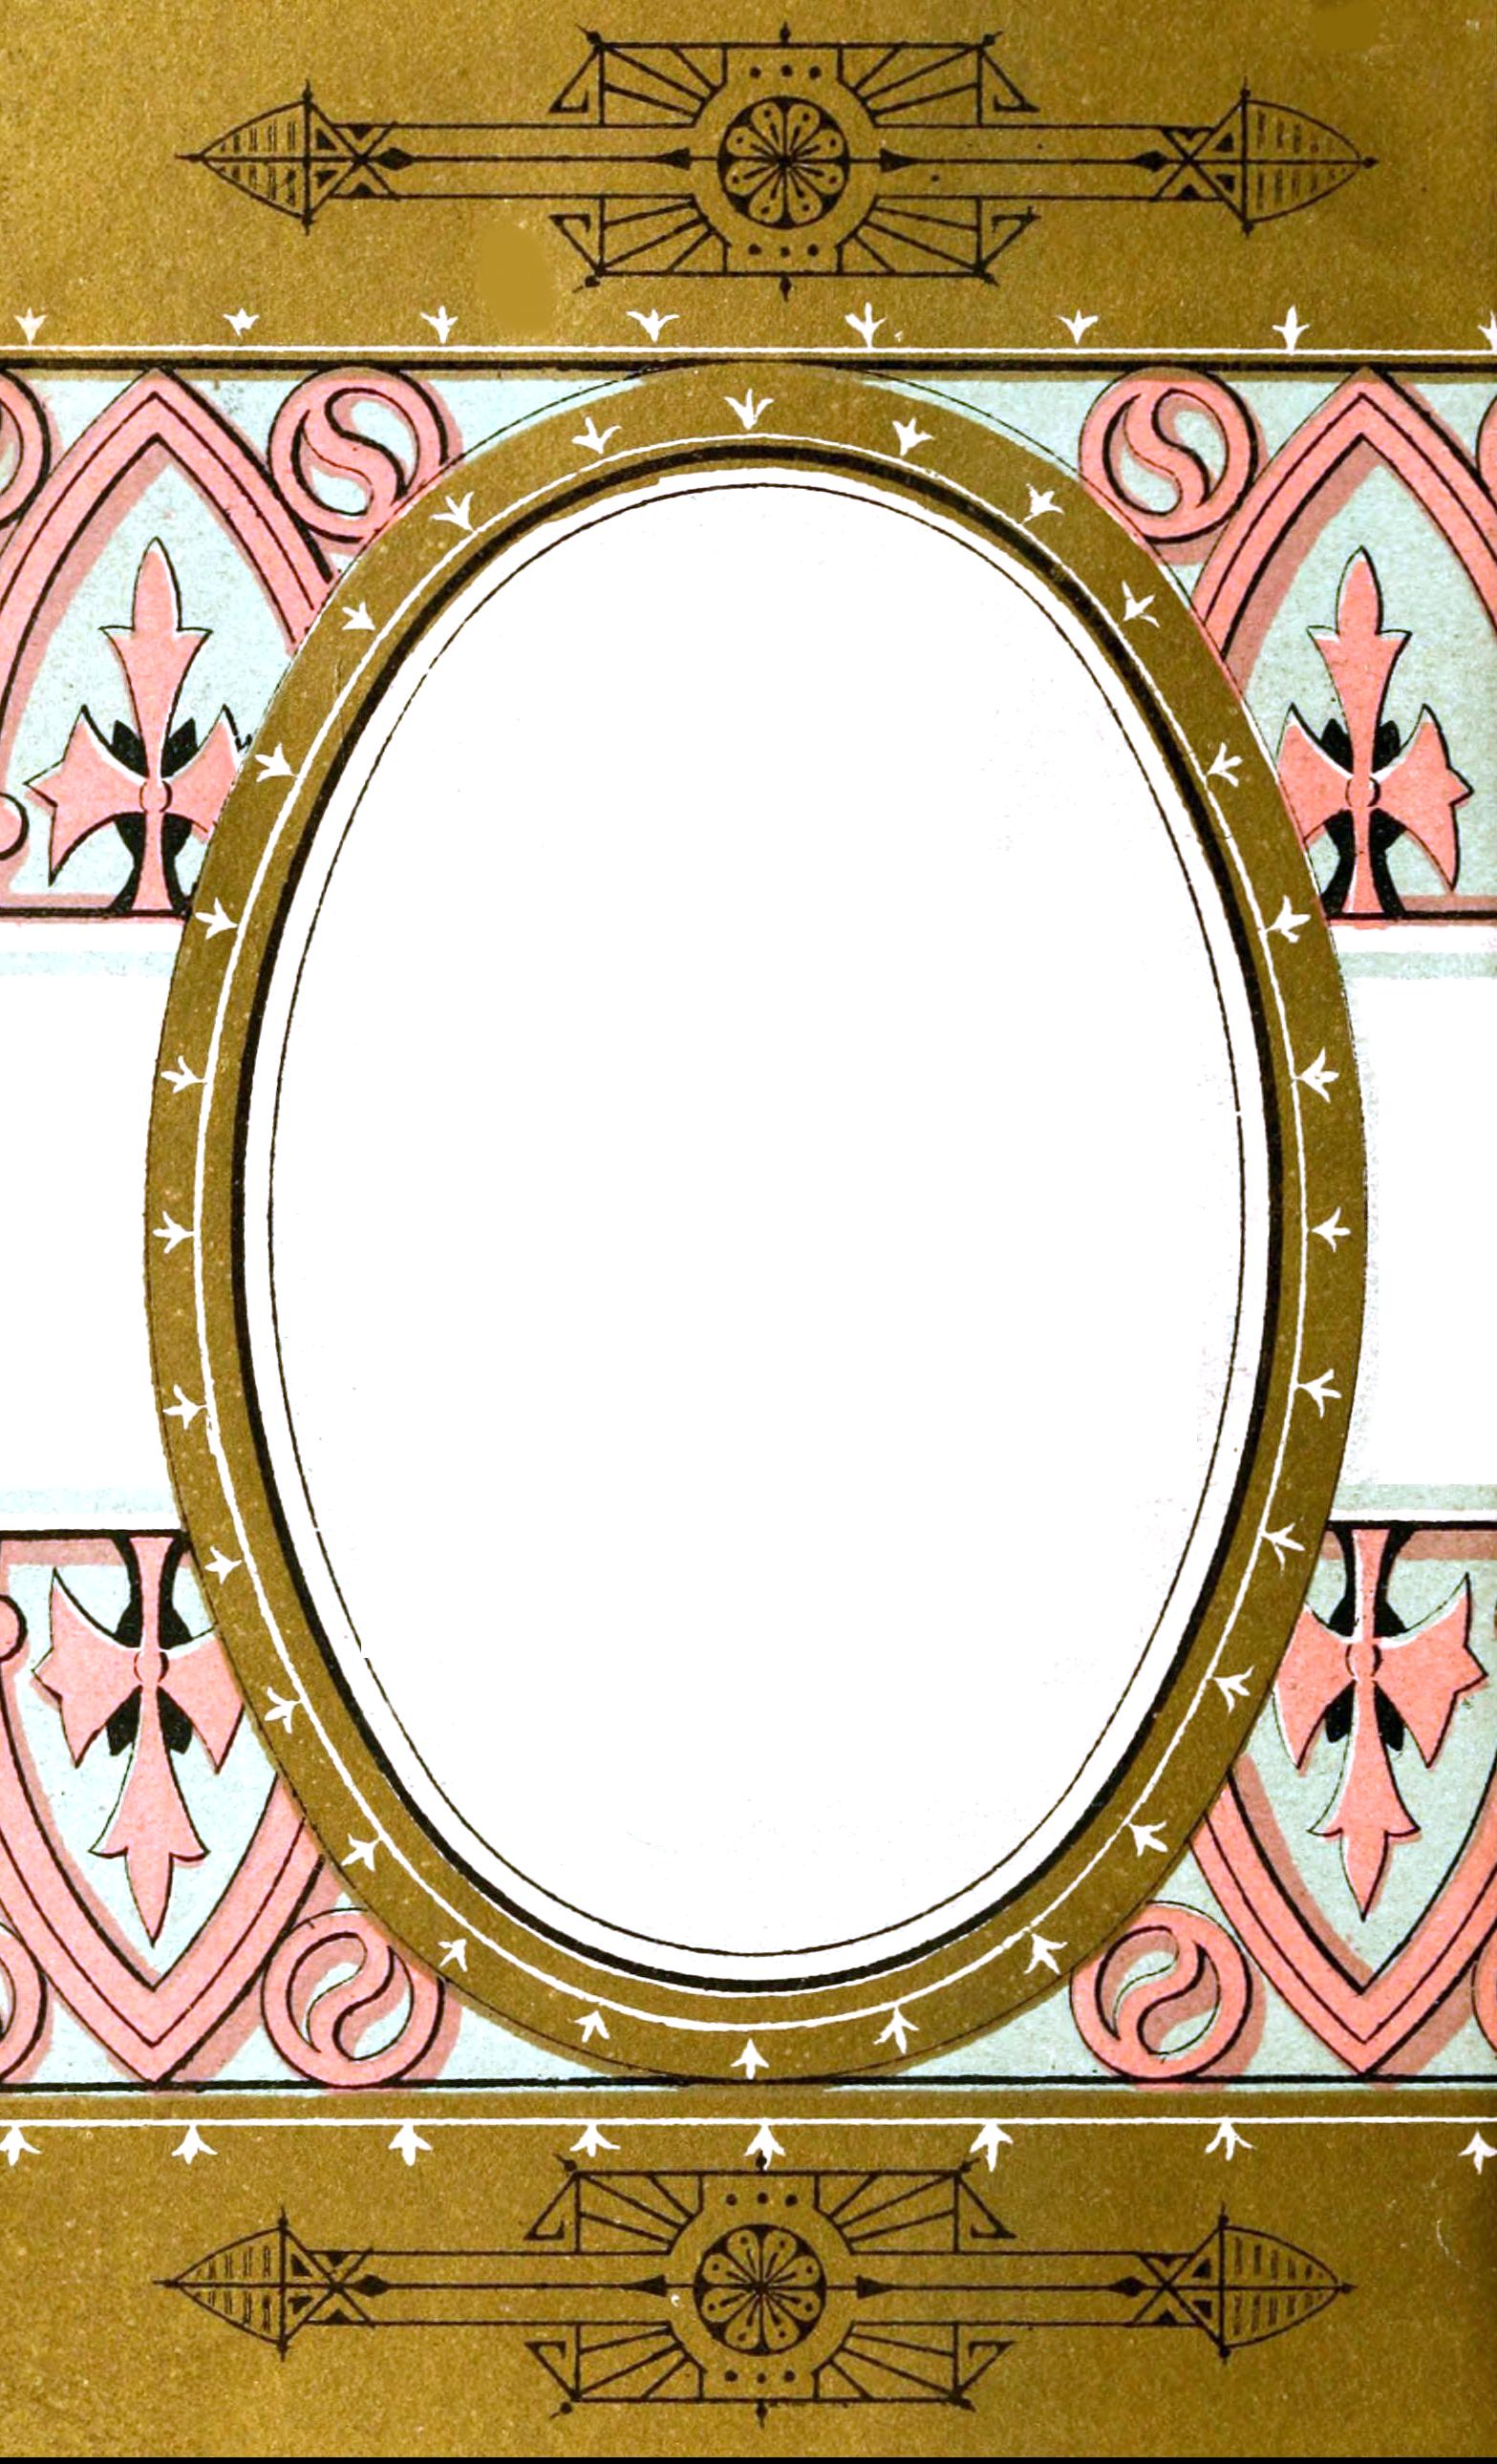 FileGold Oval Frame